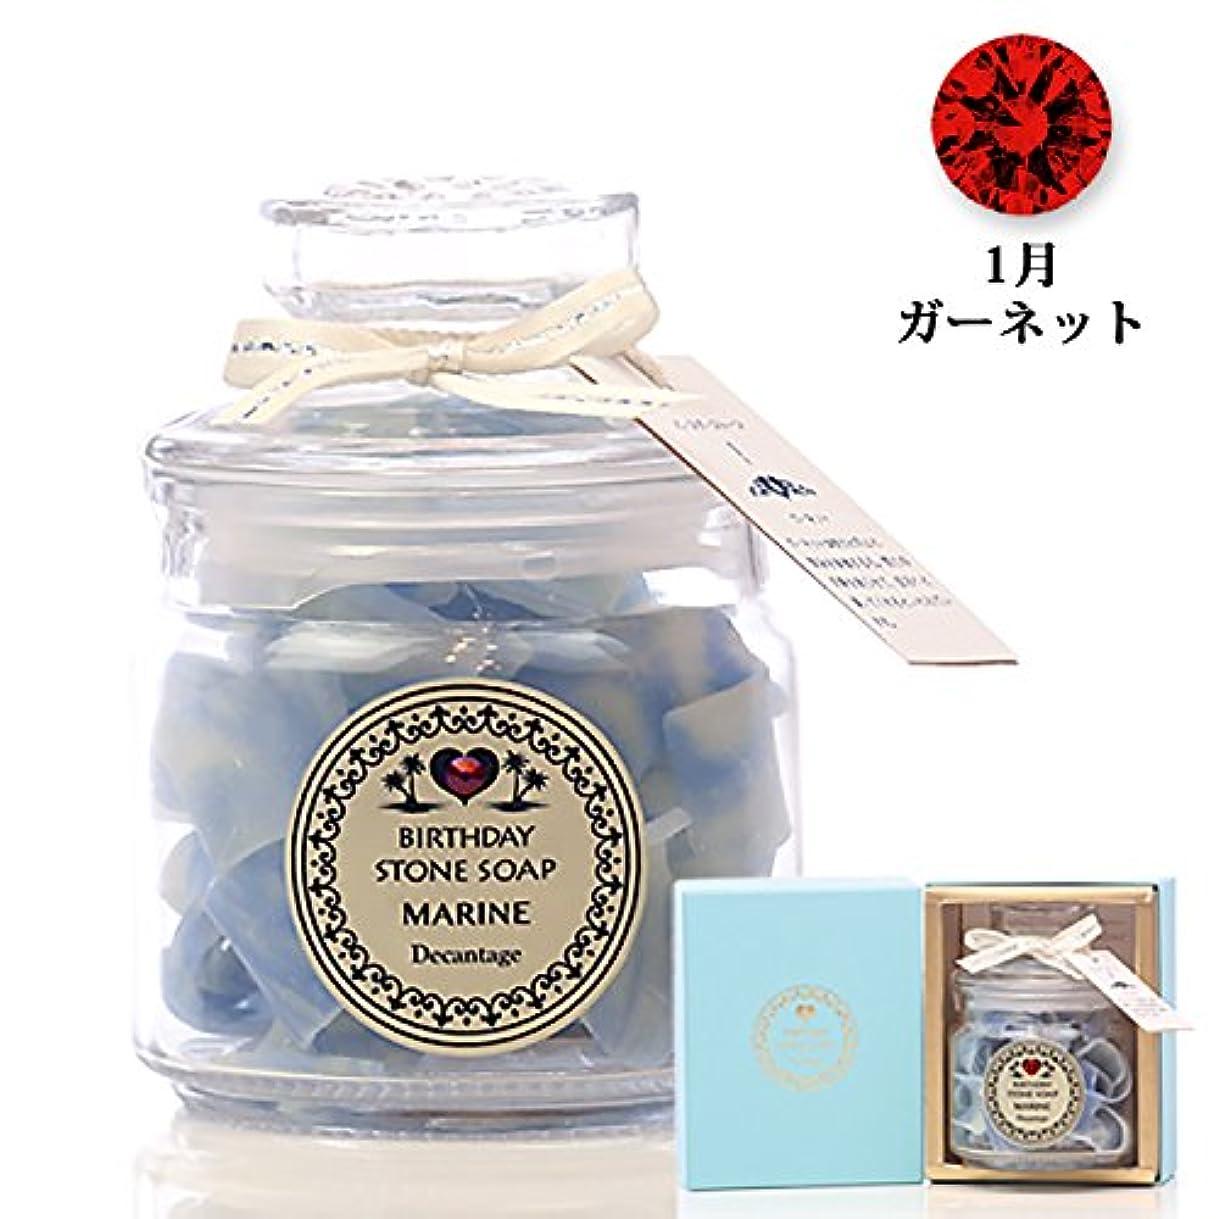 さびたフロントよろしく誕生月で選べる「バースデーストーンソープ マリン」1月誕生石(ガーネット) プルメリアの香り